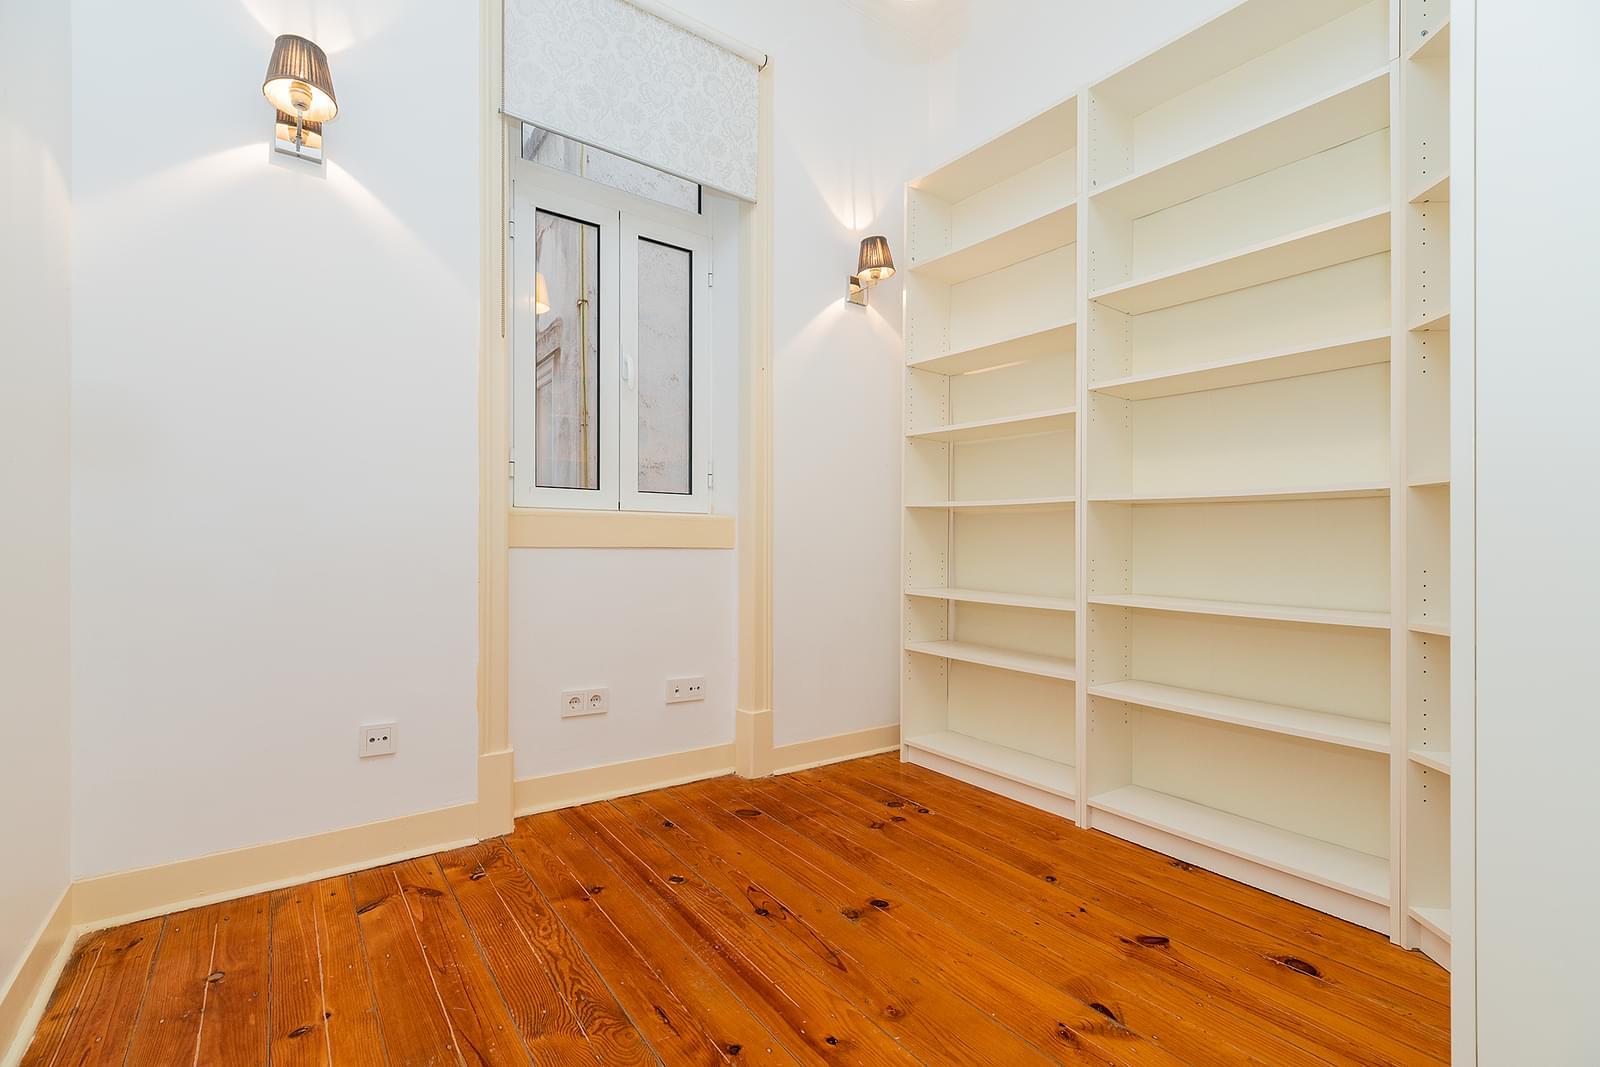 pf18723-apartamento-t3-1-lisboa-03a73638-eb98-4170-a620-d1cef08f9dbd